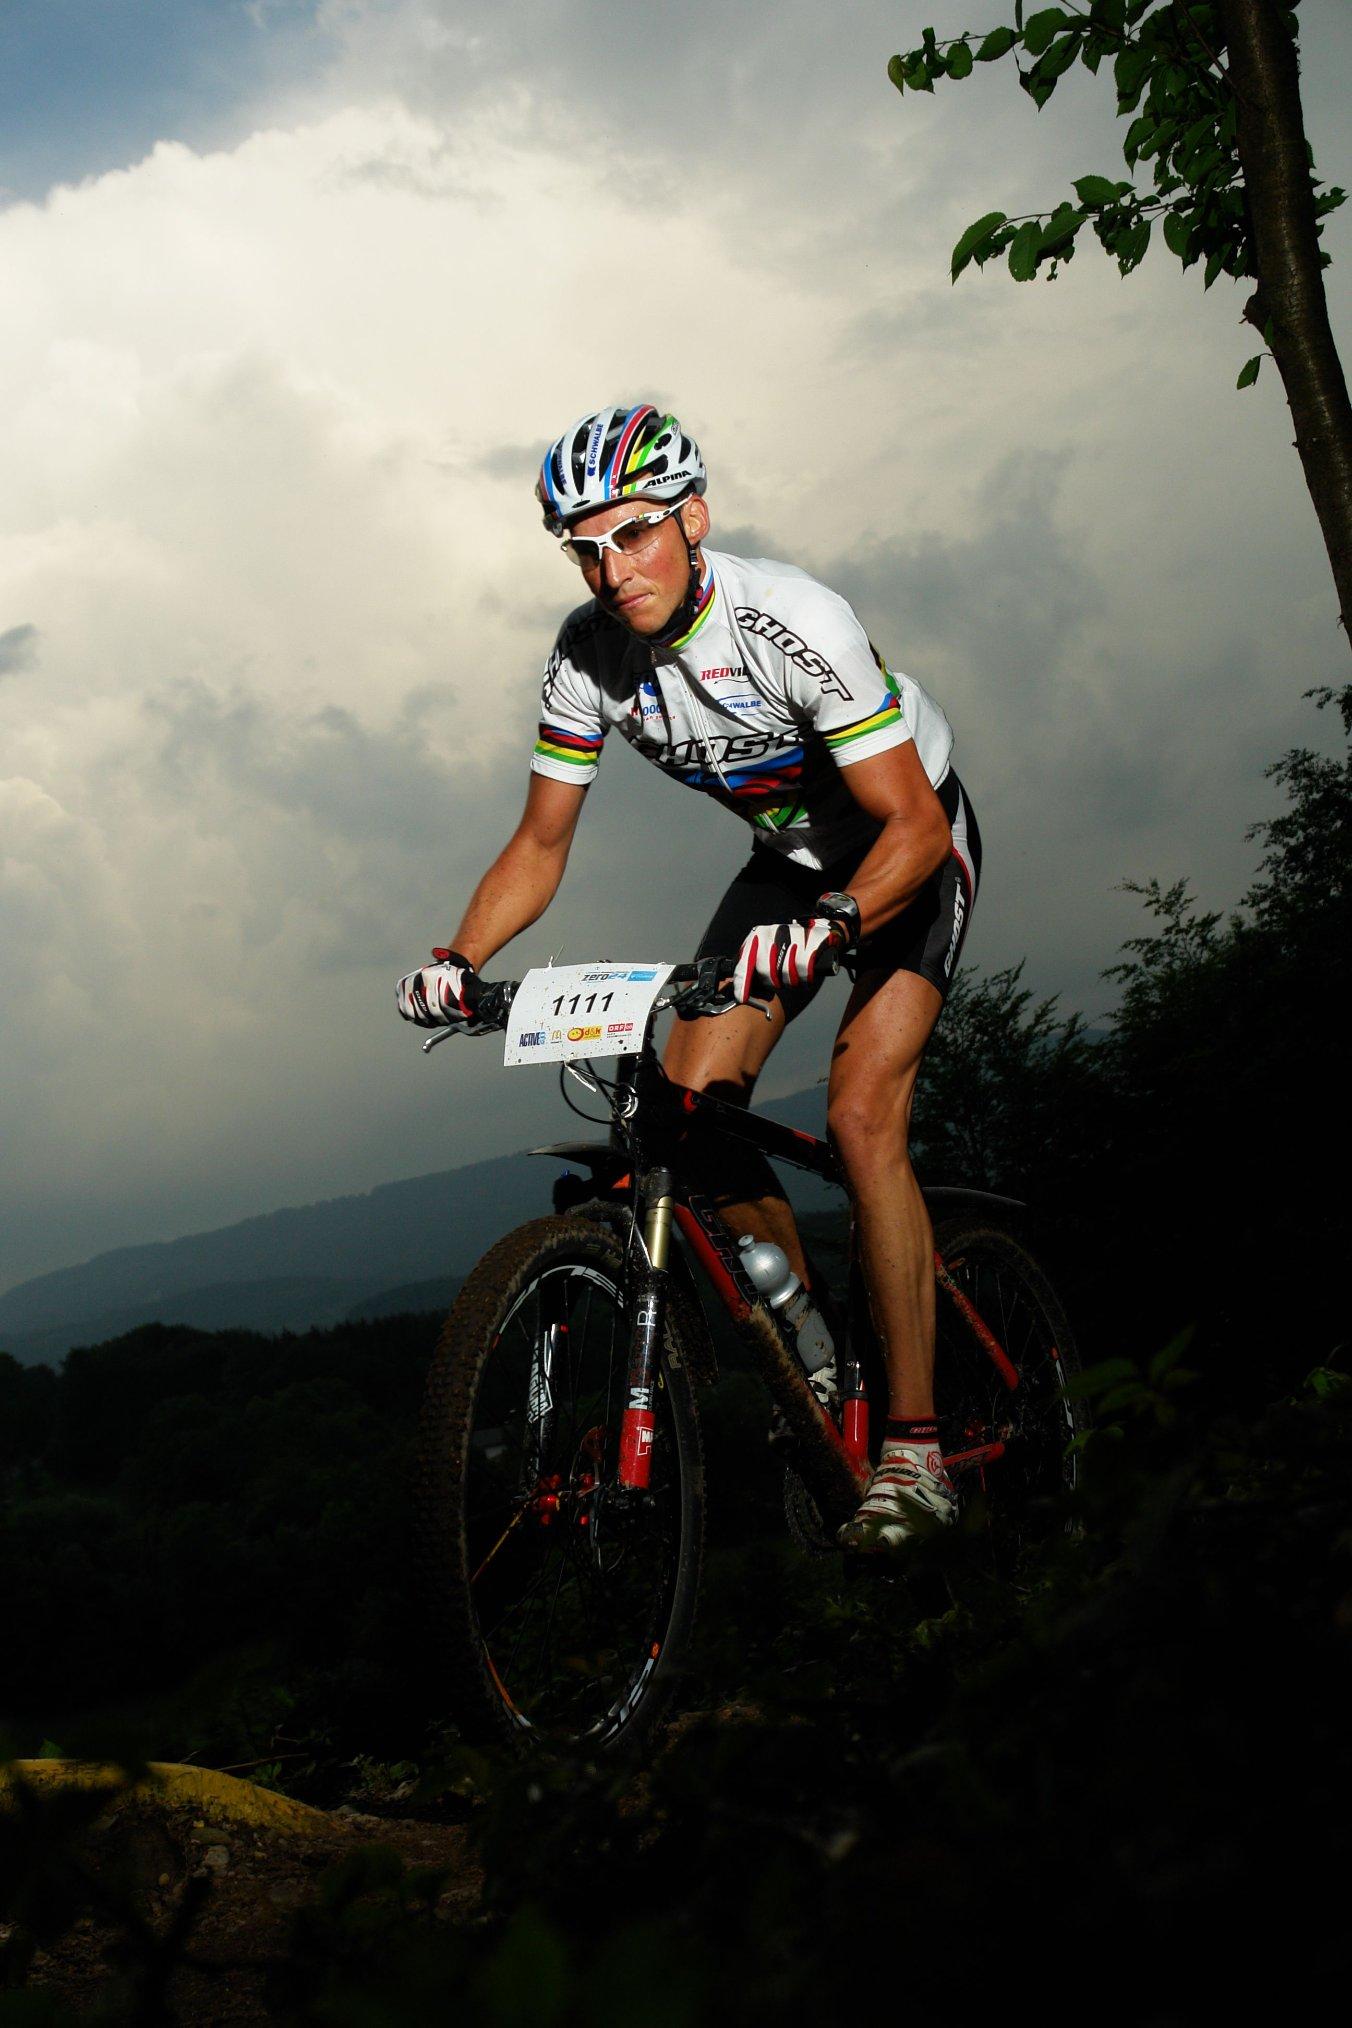 Michael Kalivoda gewinnt 24-Stunden-Rennen in Bad Griesbach